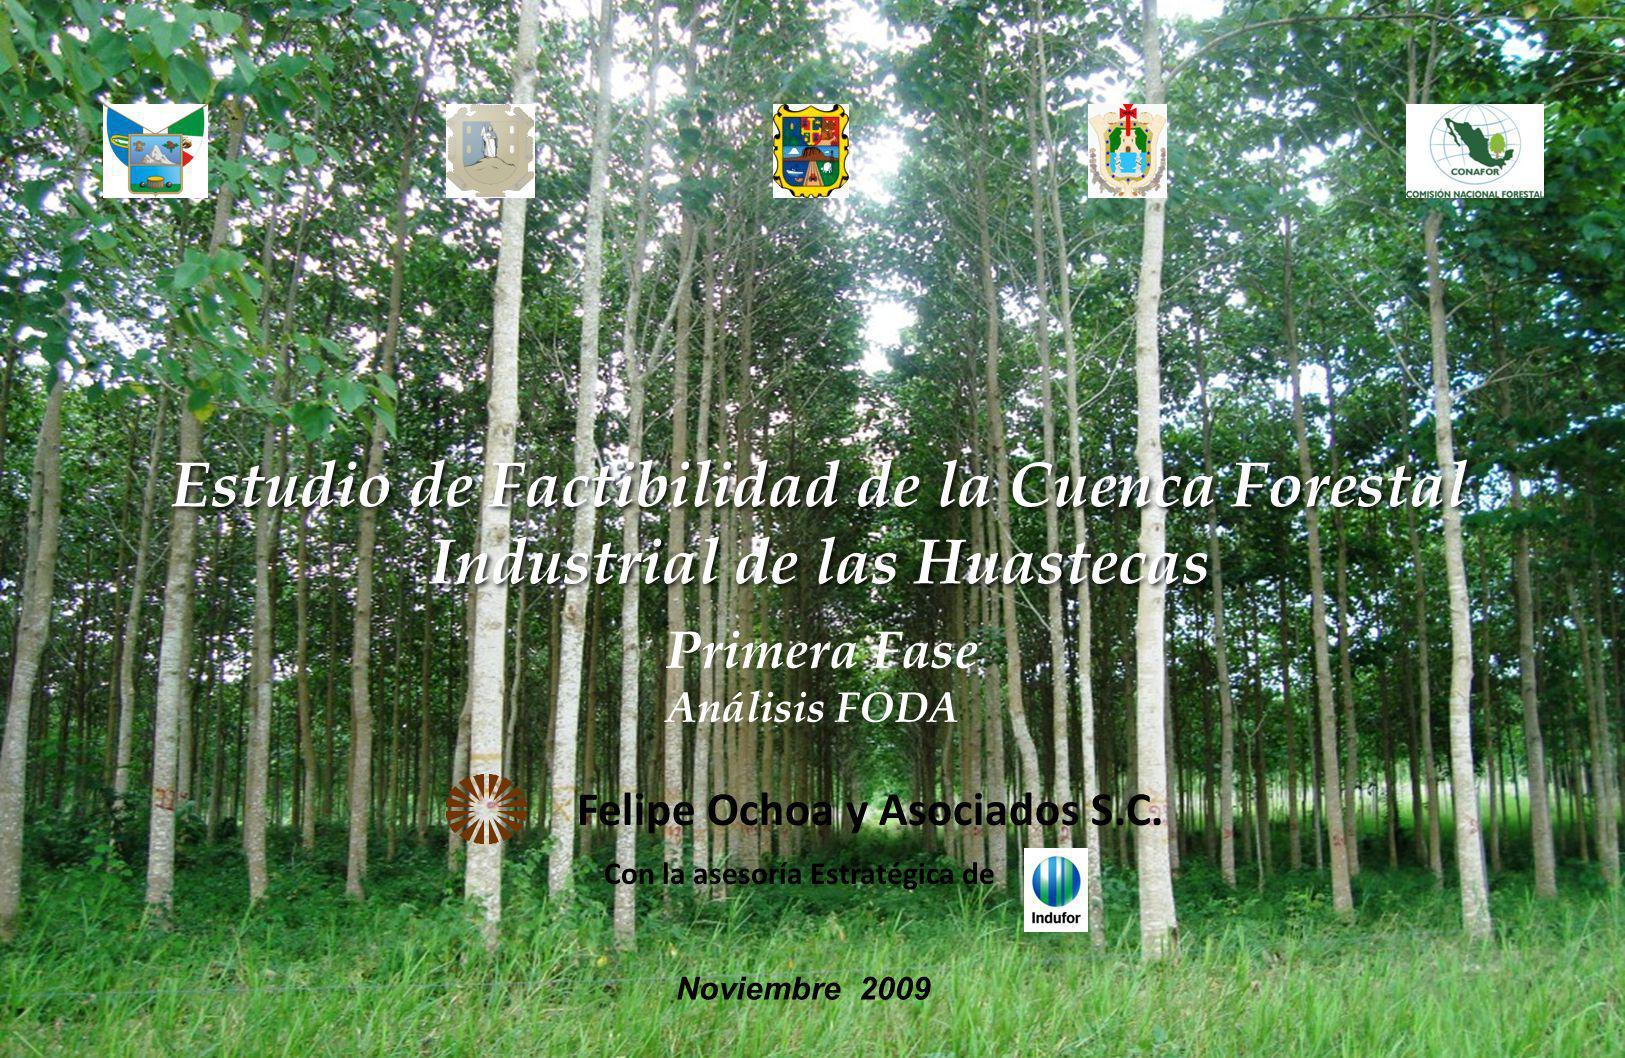 Análisis FODA de Recurso y Potencial Forestal (cap. III, IV, VI y X)